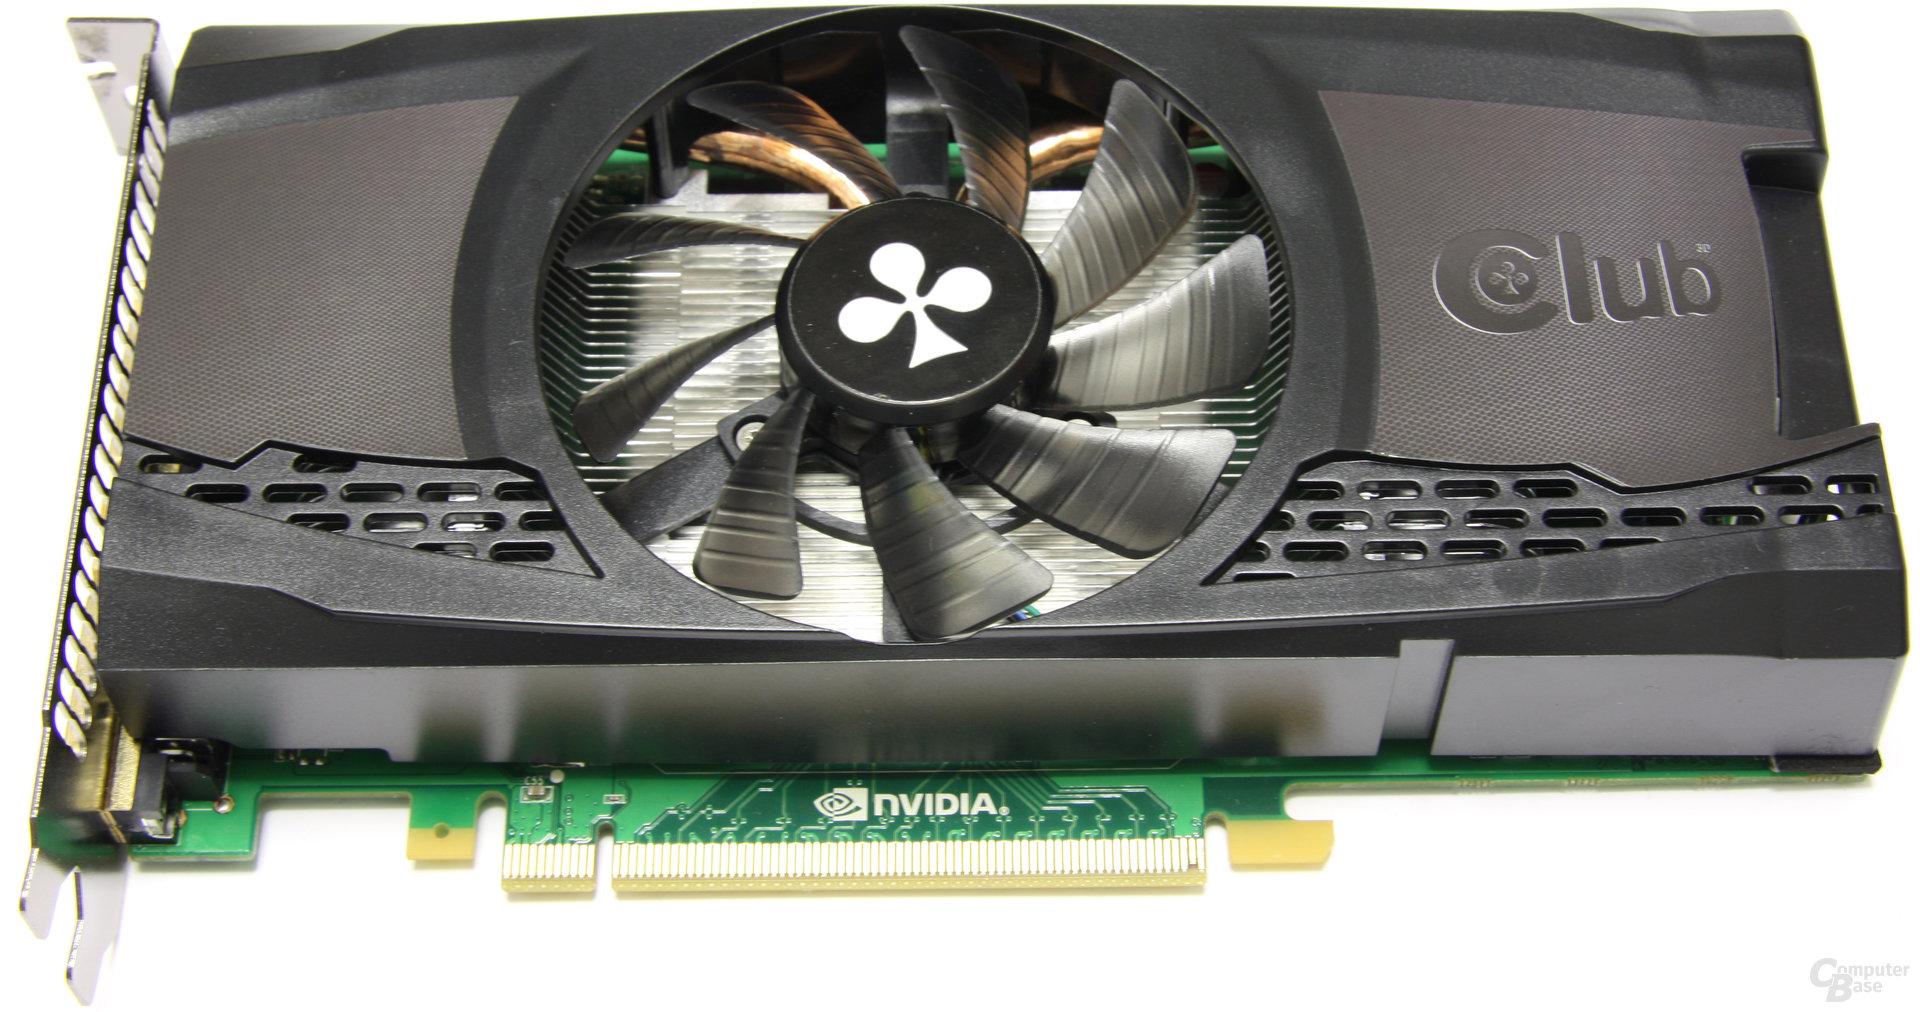 Club3D GeForce GTX 460 OC